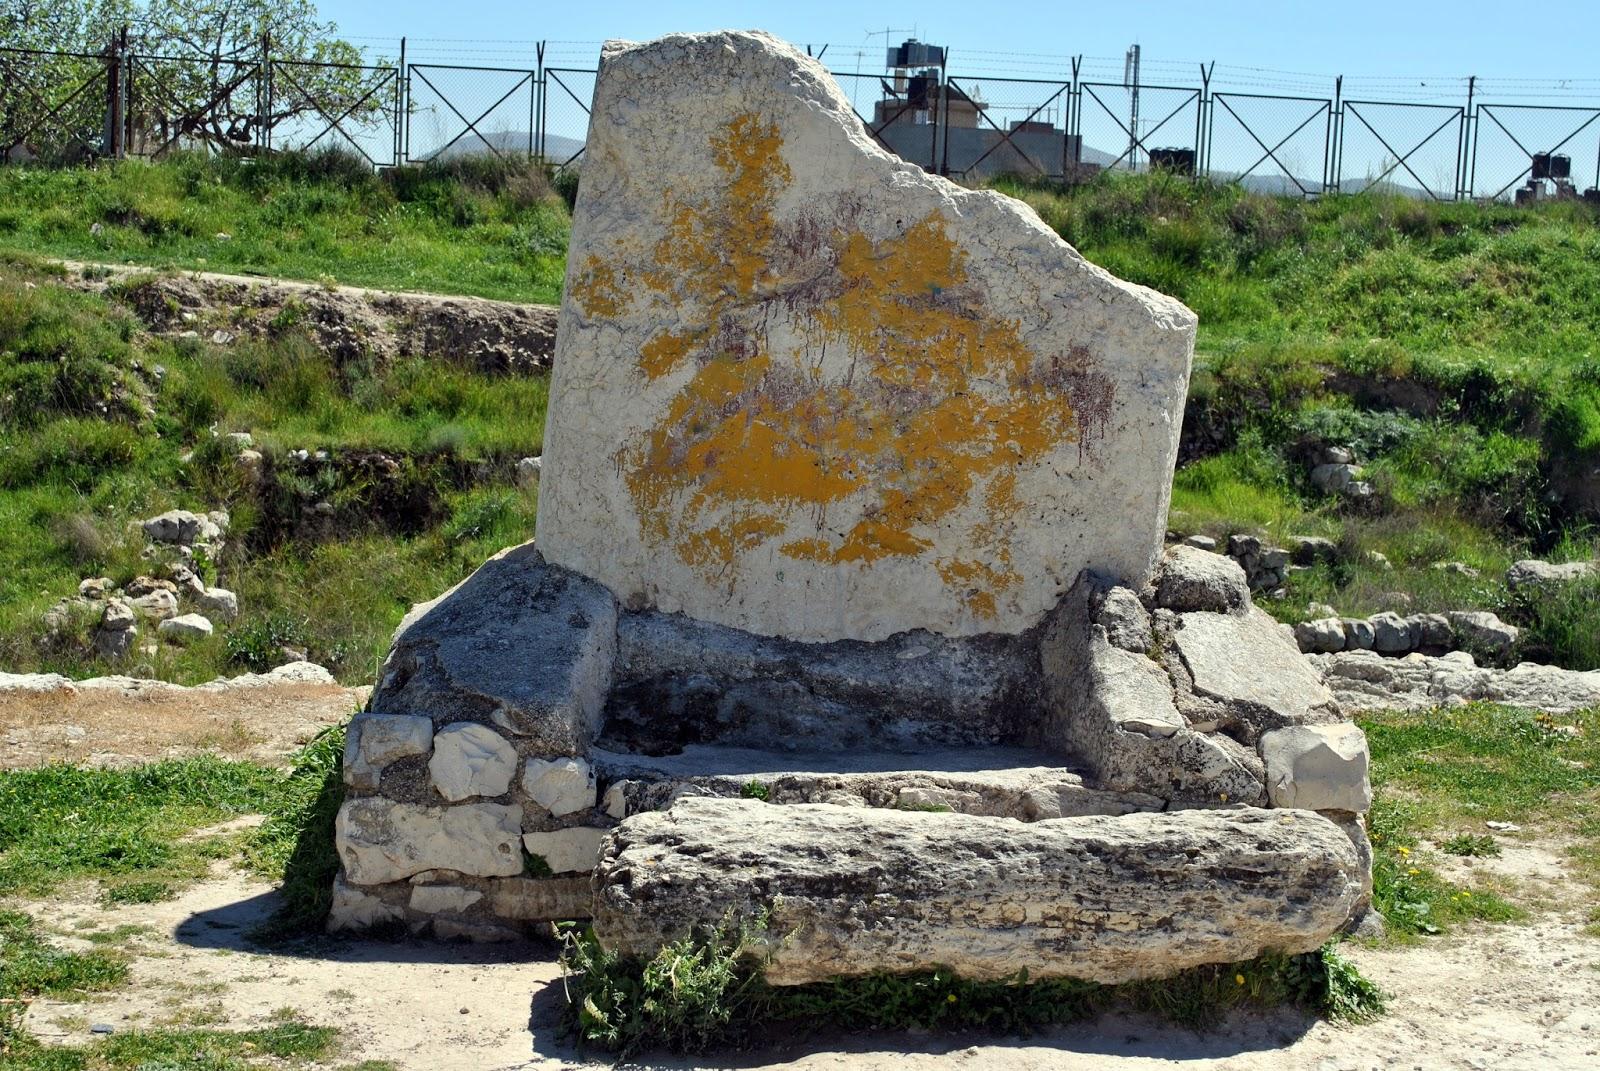 上图:示剑的巨石,被认为可能就是约书亚在示剑与百姓立约所立的大石头(书二十四26-27)。